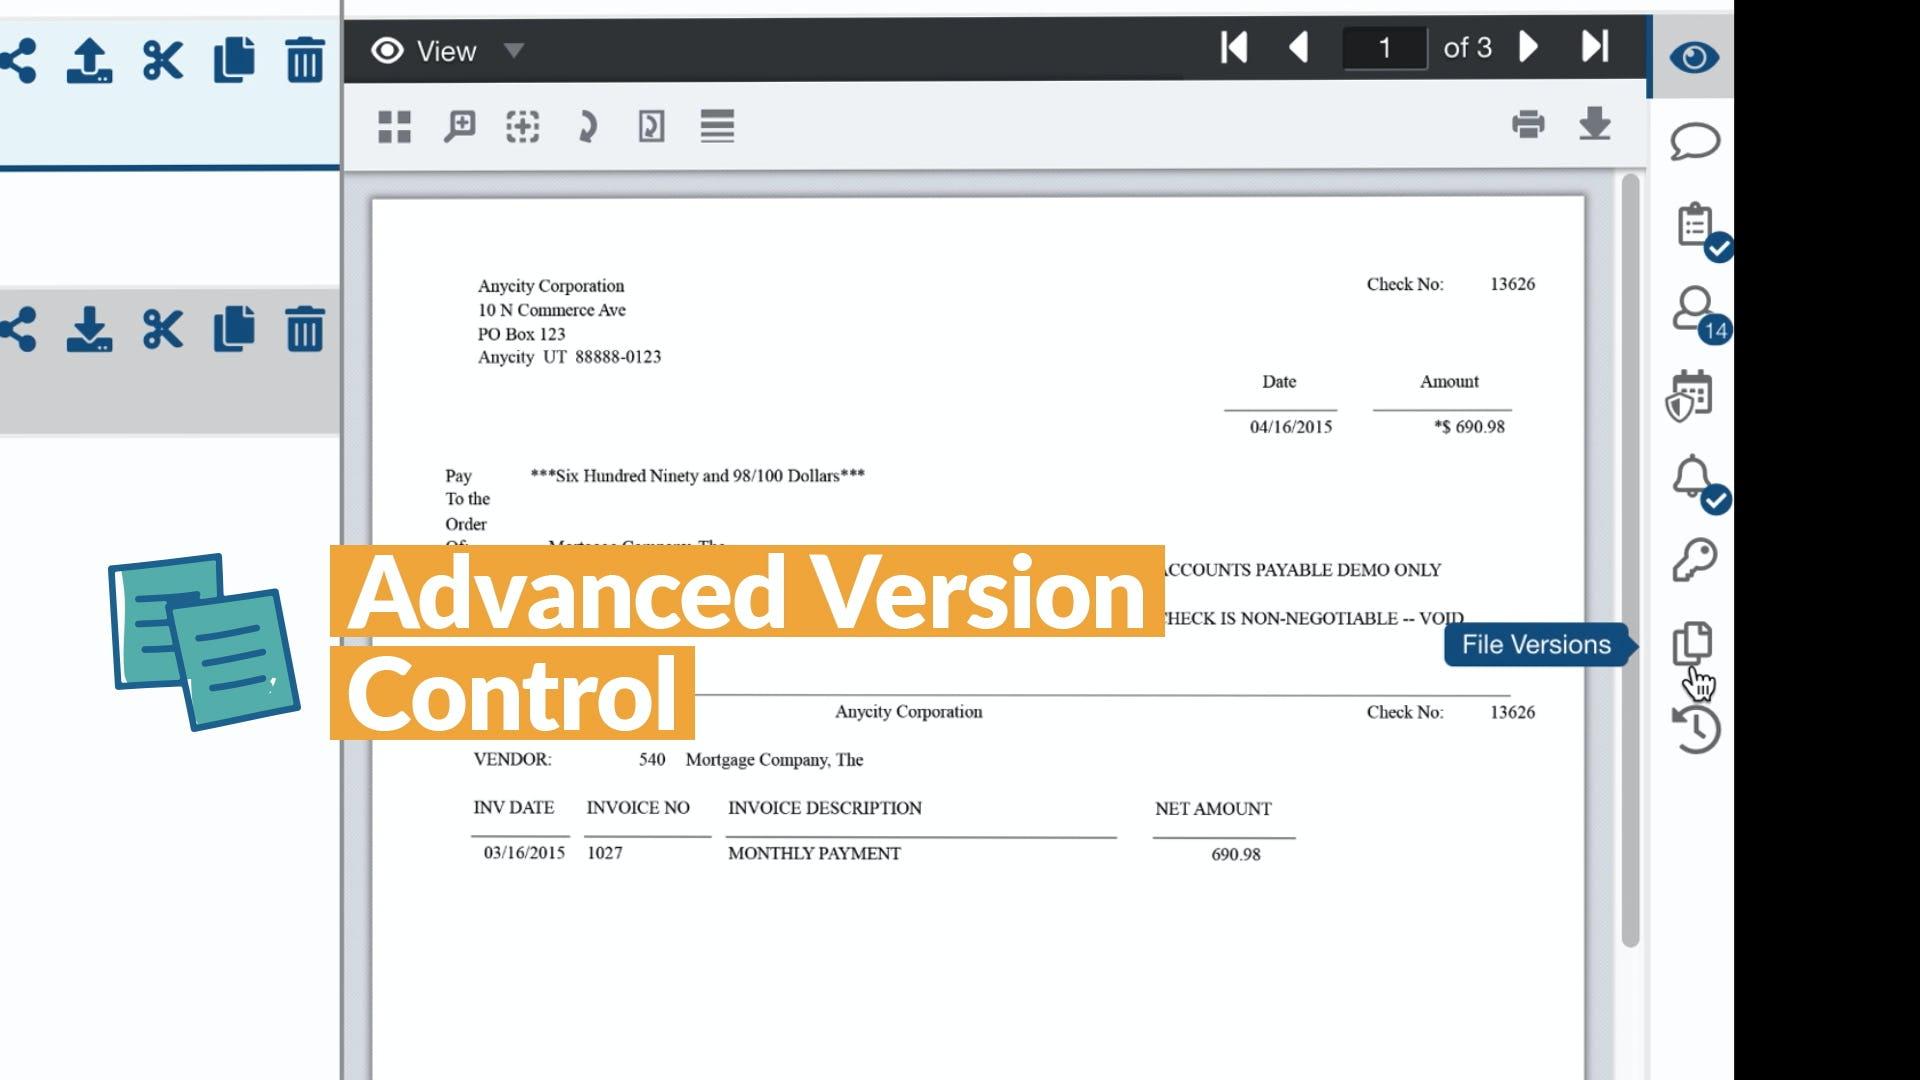 Advanced Version Control